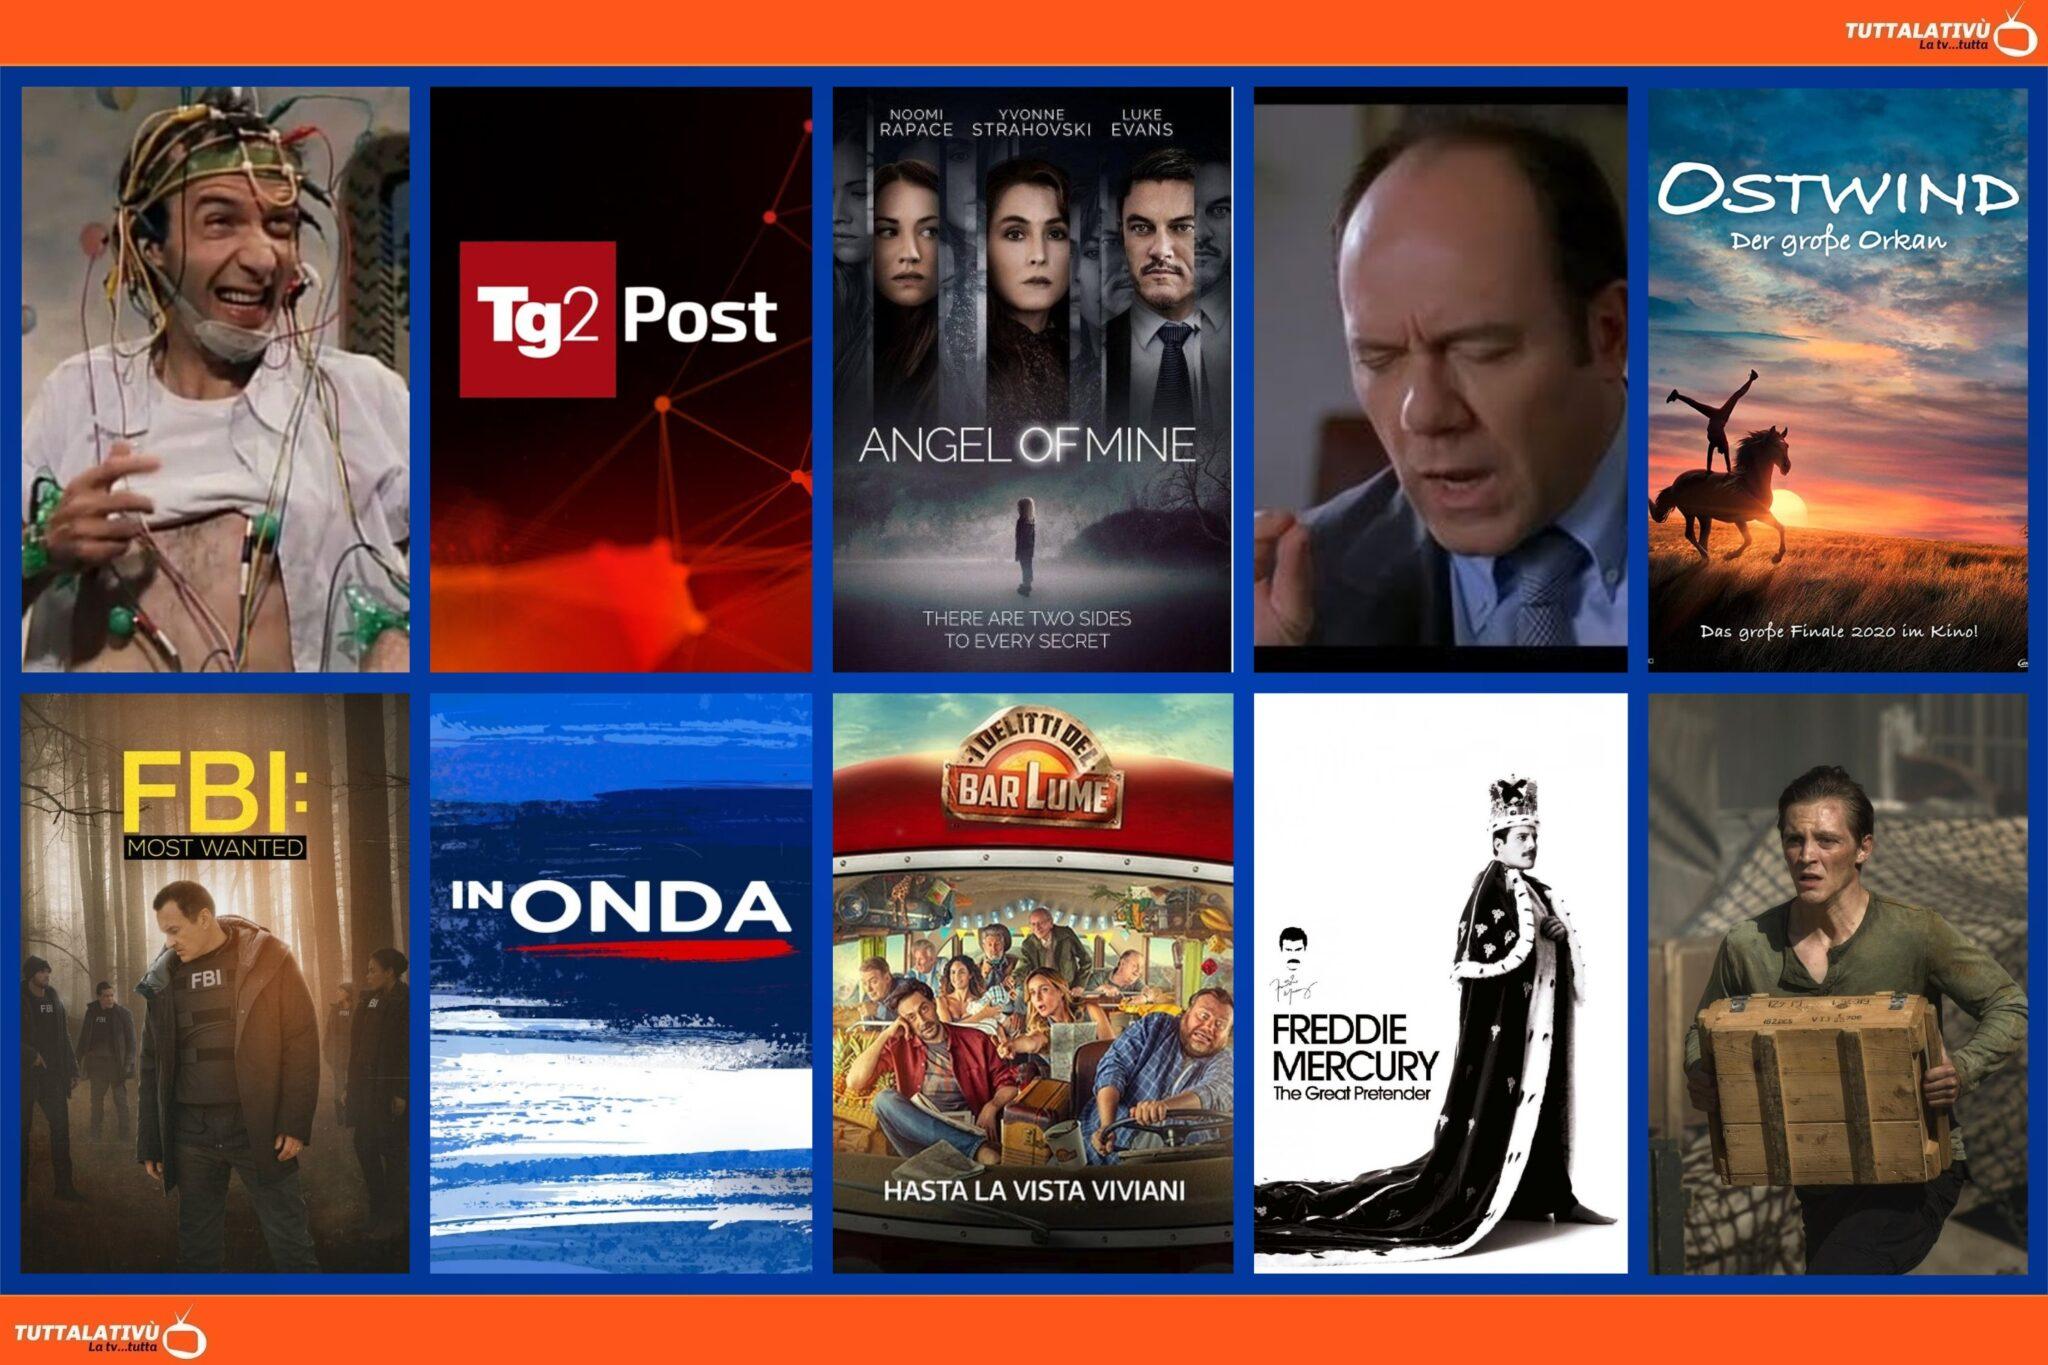 GuidaTV 26 Agosto 2021: Il mostro, Windstorm 5 uniti per sempre, Tg2 Post sul disastroso attentato a Kabul, FBI: Most Wanted, Deutschland 86